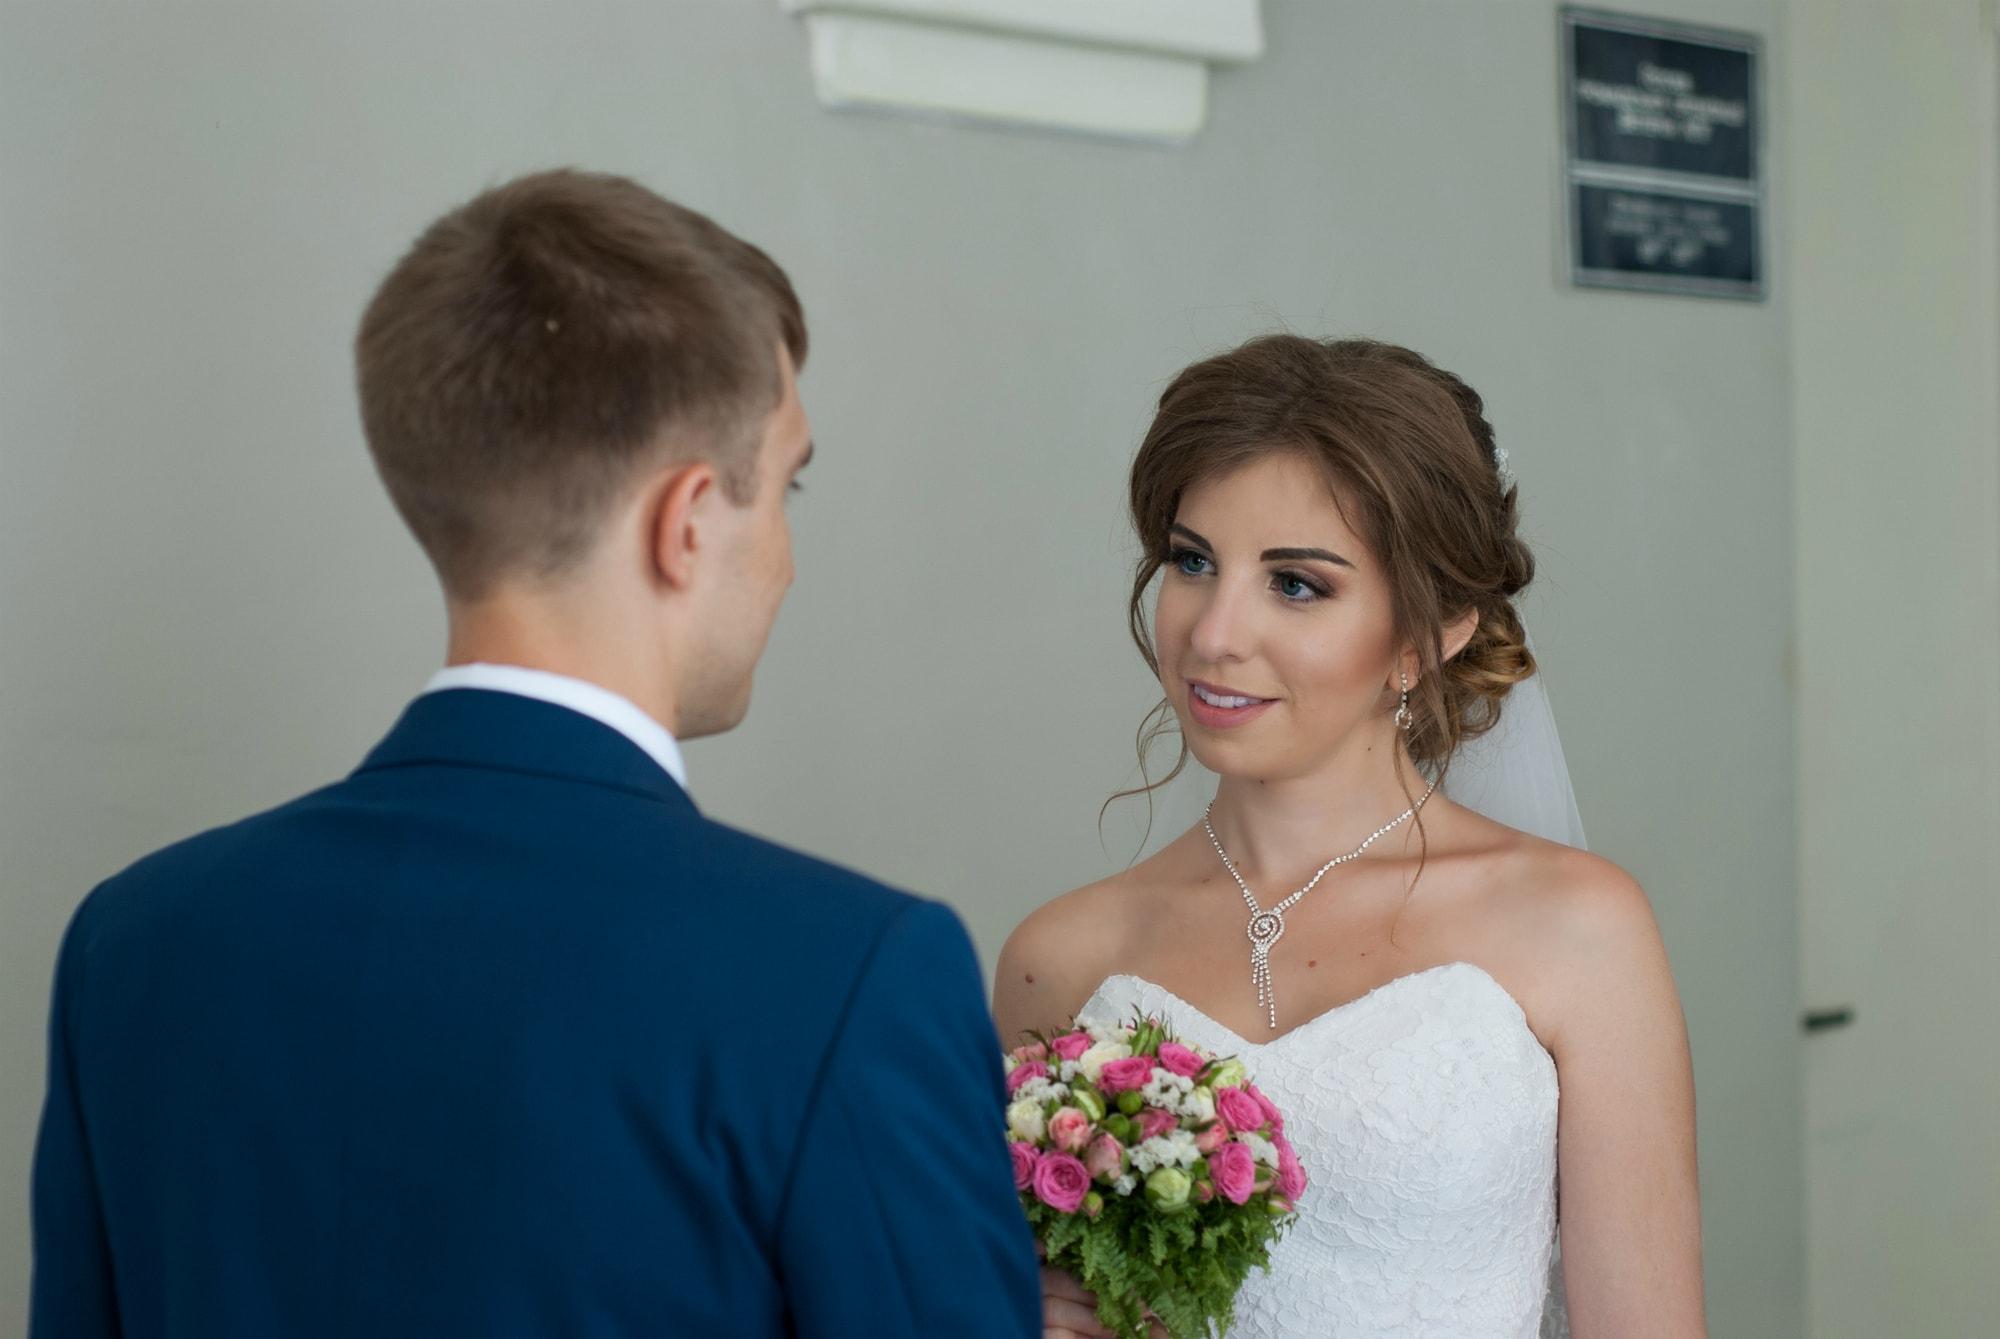 Фотография молодой пары - Фотограф Киев - Женя Лайт